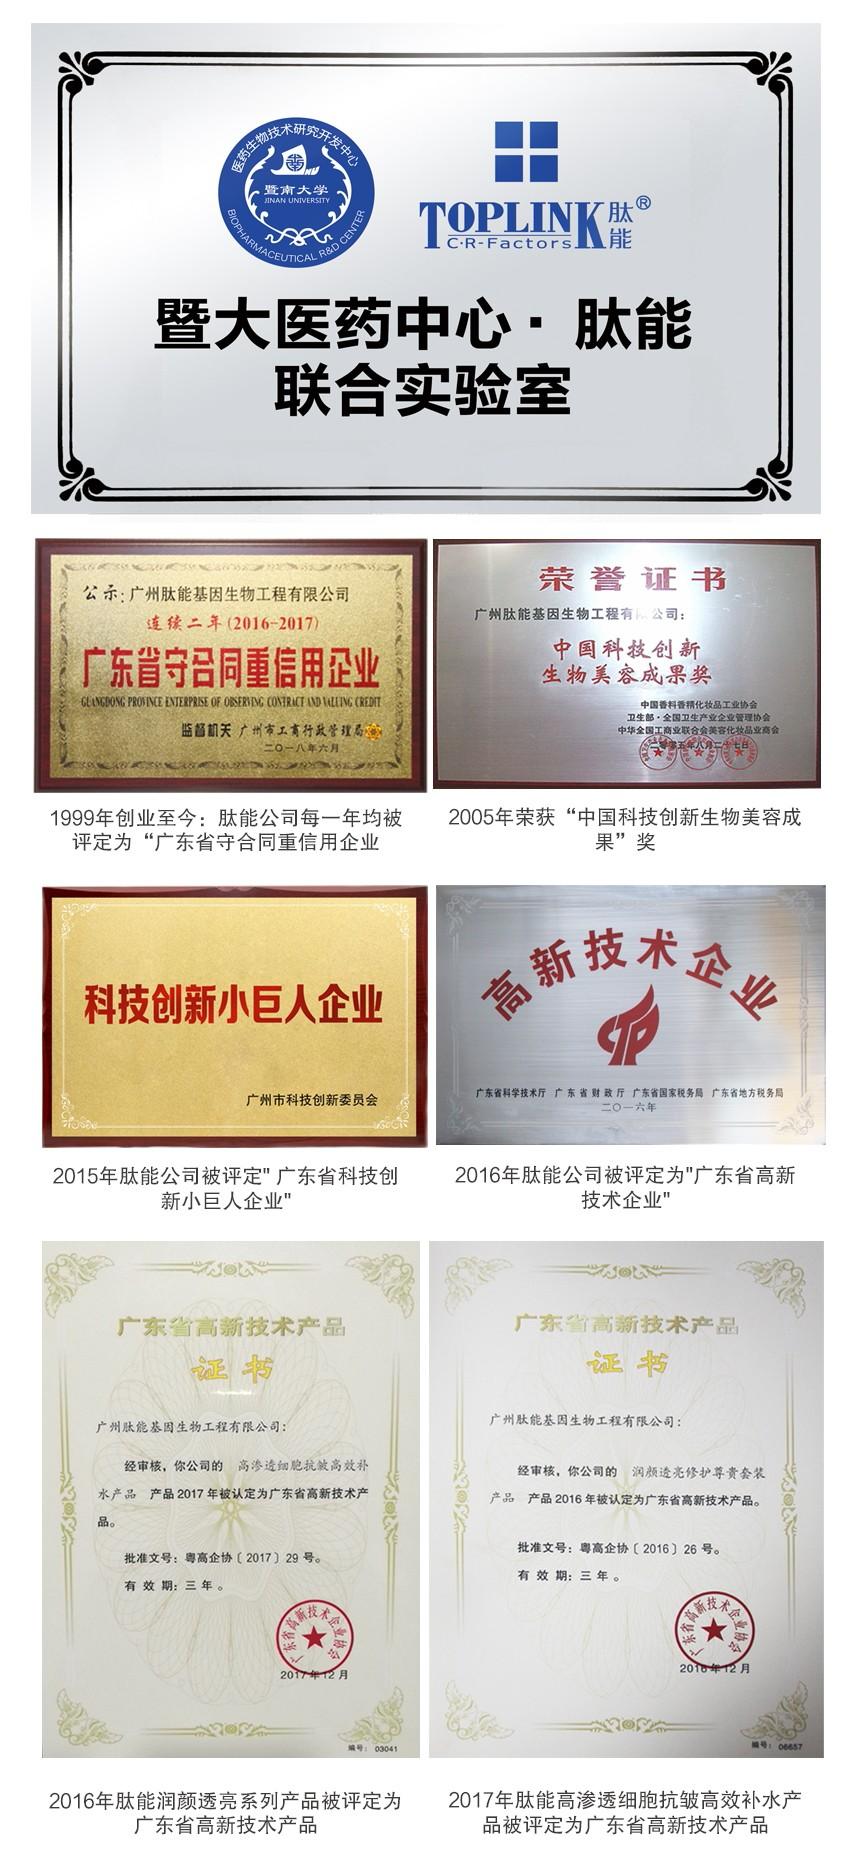 b02_看图王.jpg